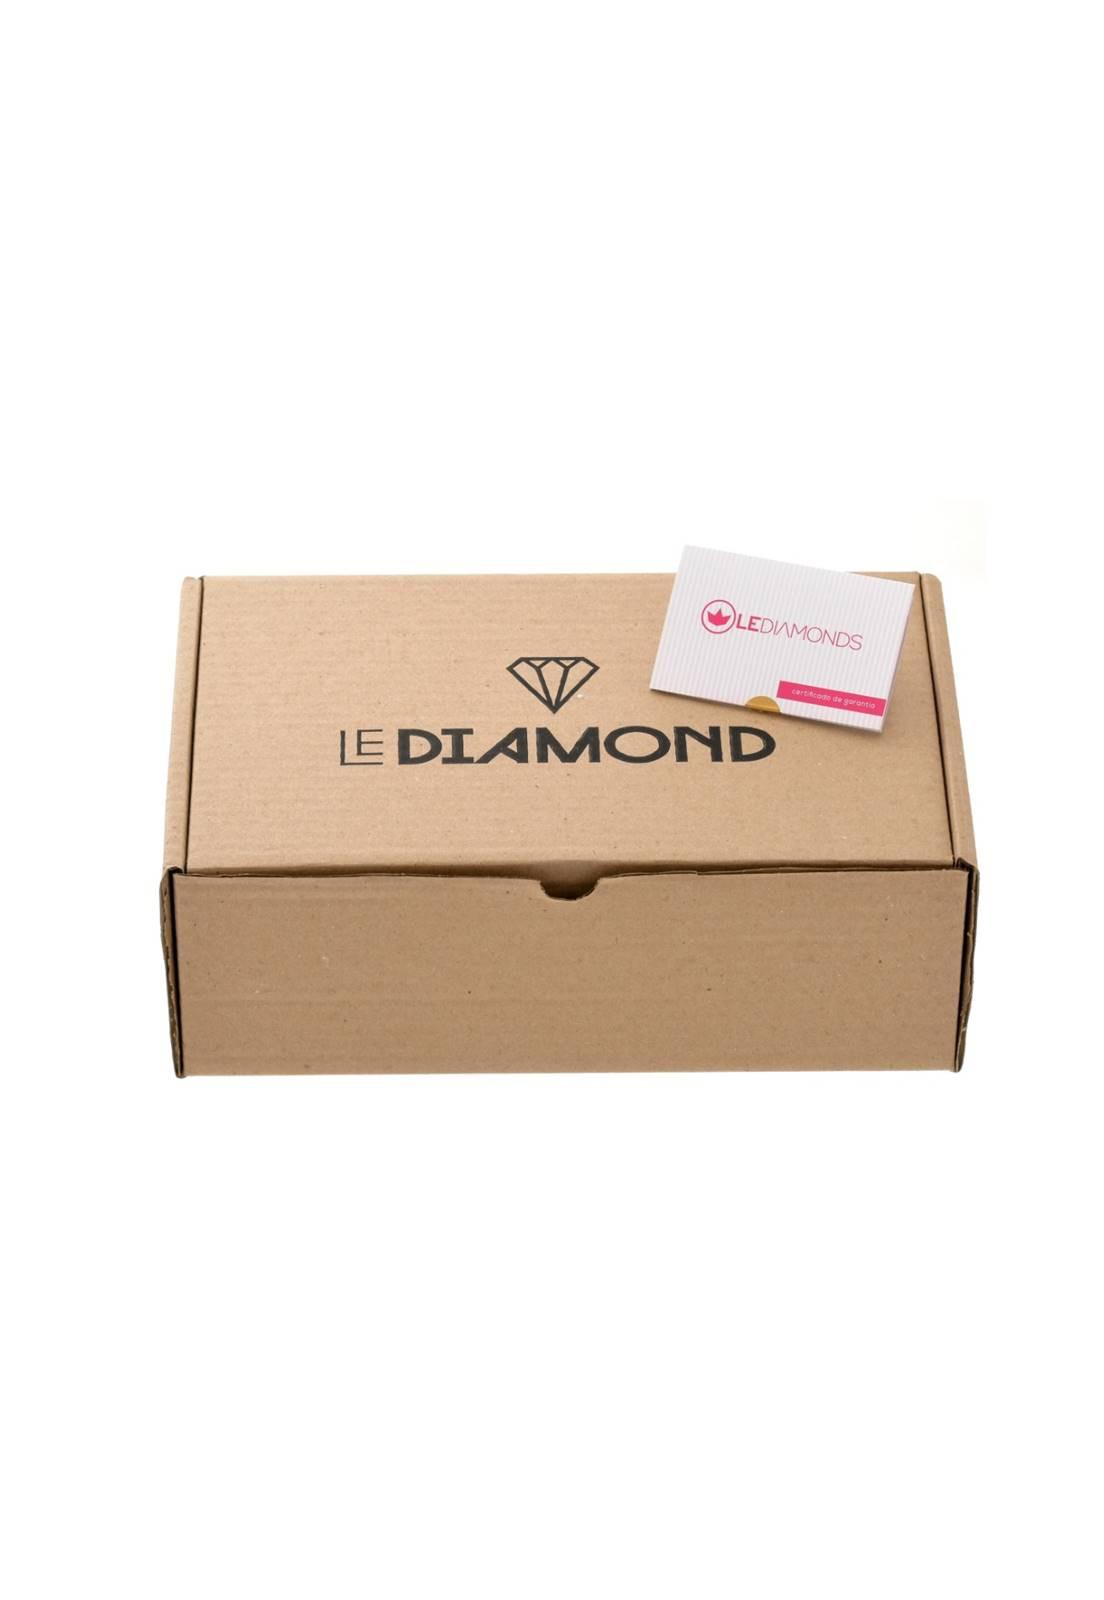 Brinco Le Diamond Argolas Rafia Dourado